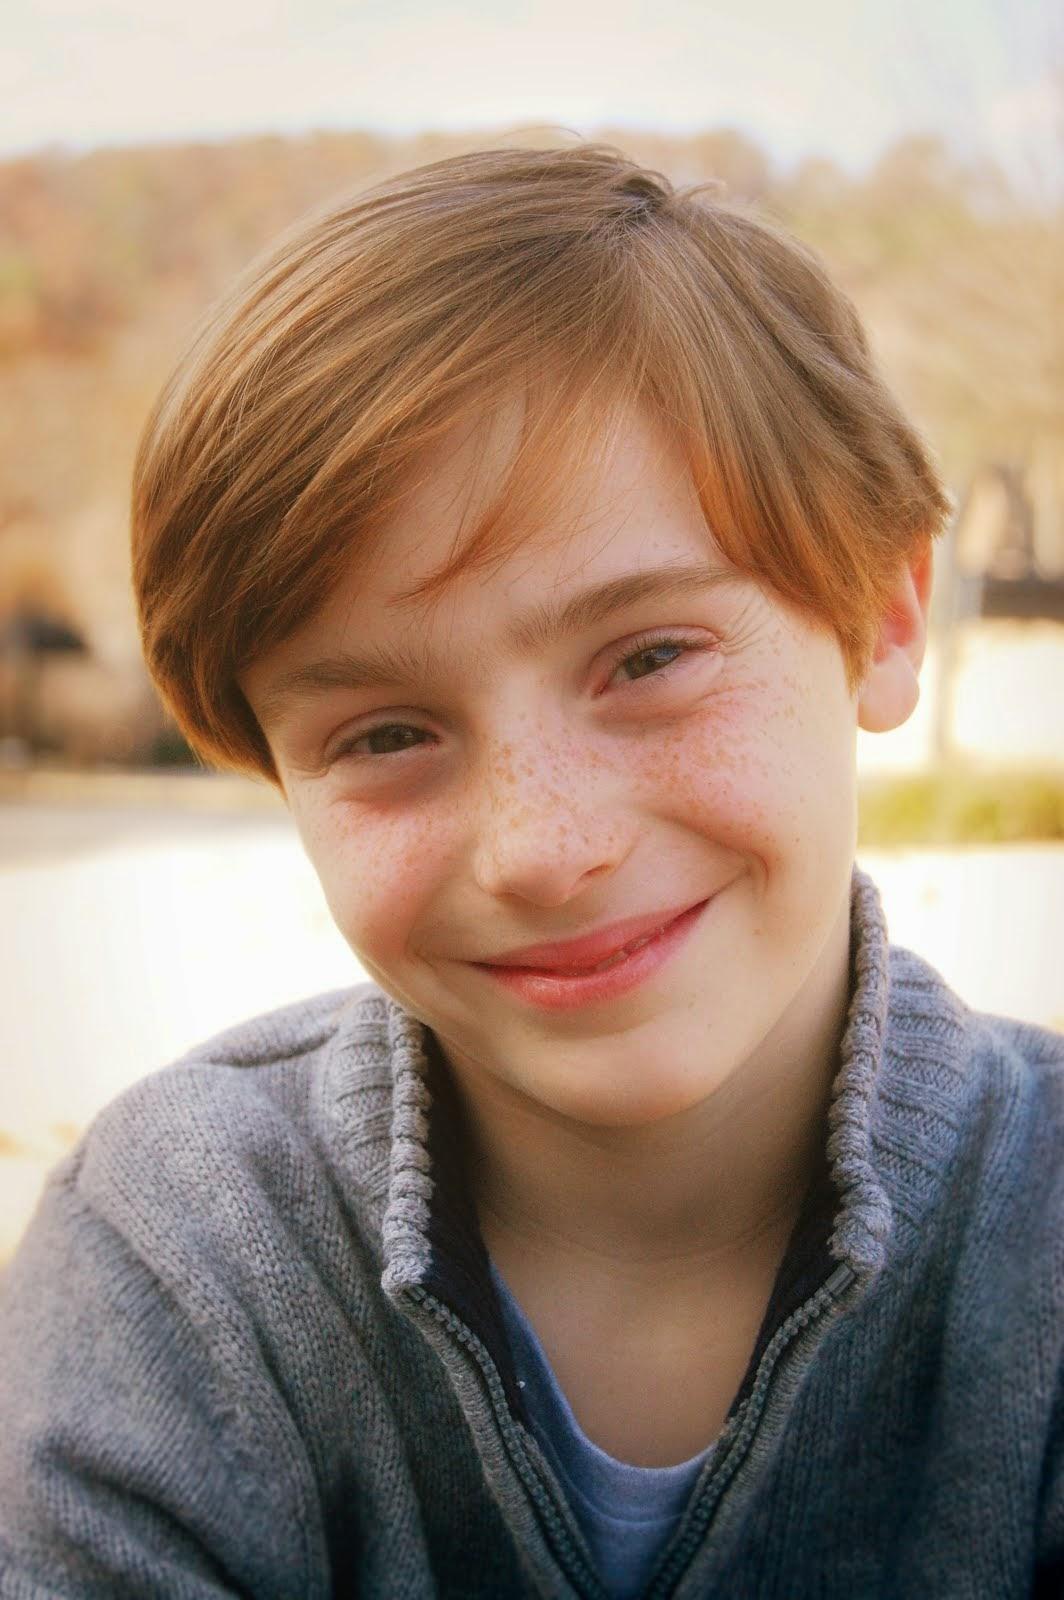 Sweet Aidan